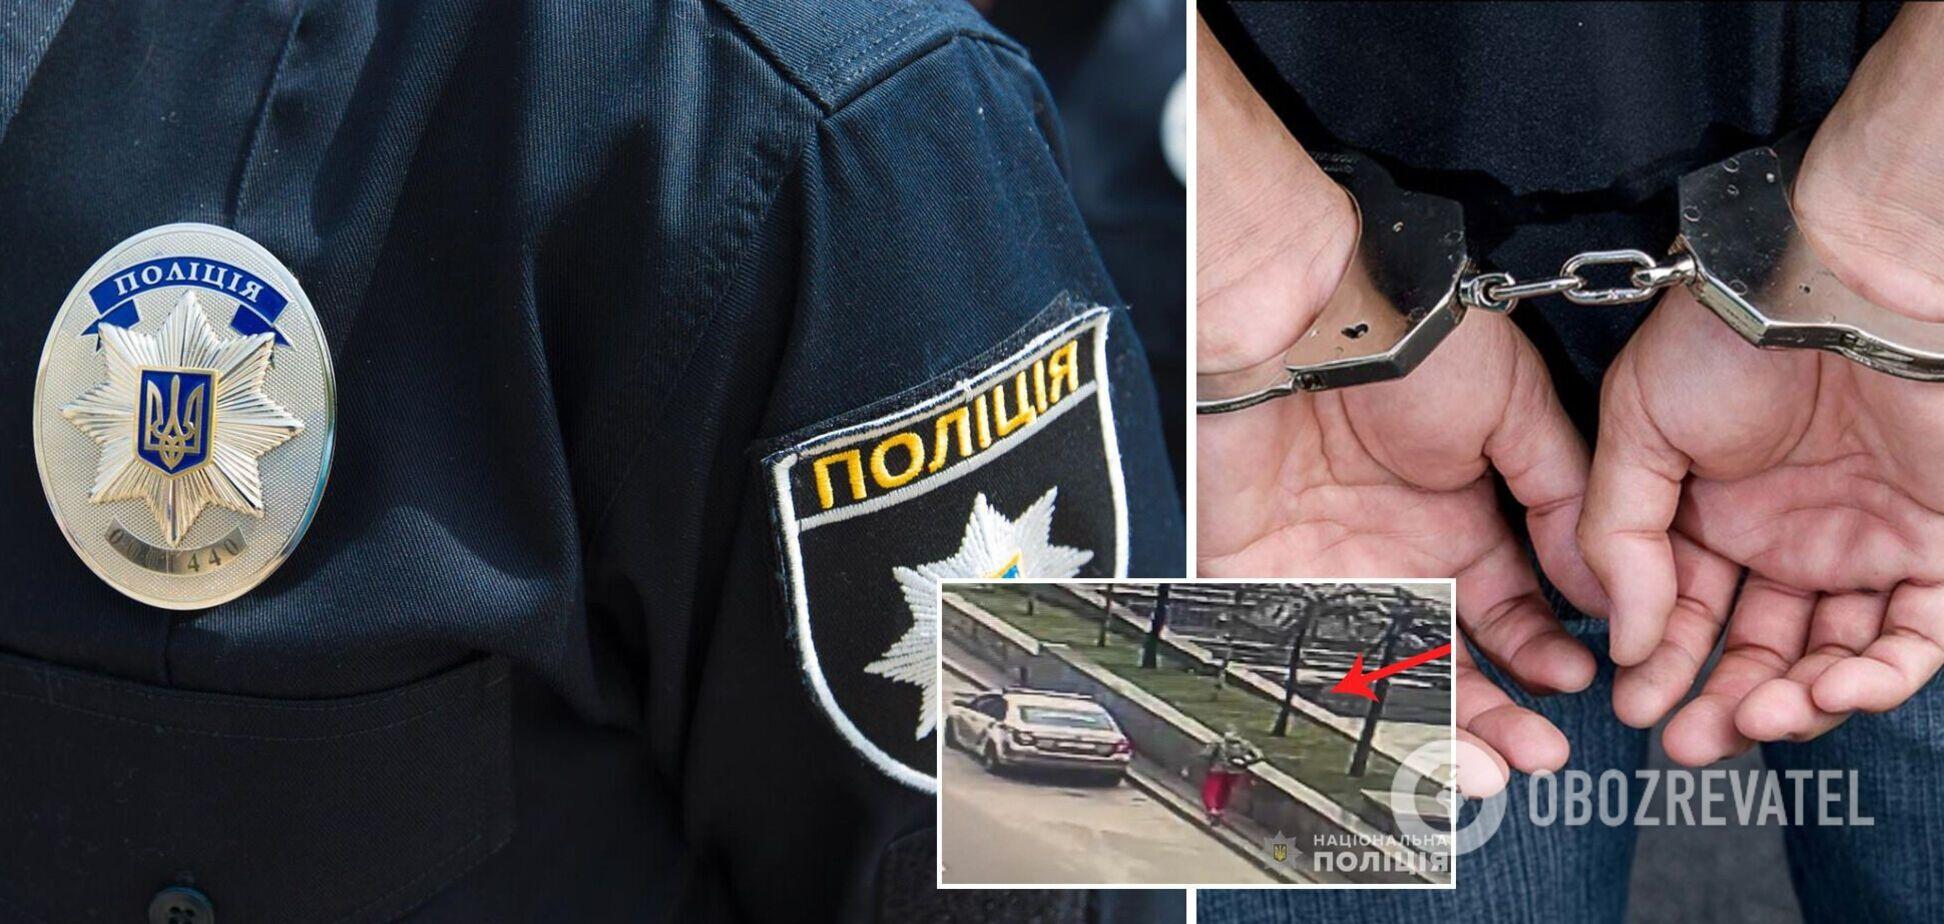 У Києві хлопець заради хайпу вдарив поліцейського в обличчя тарілкою з вершками. Відео пранку